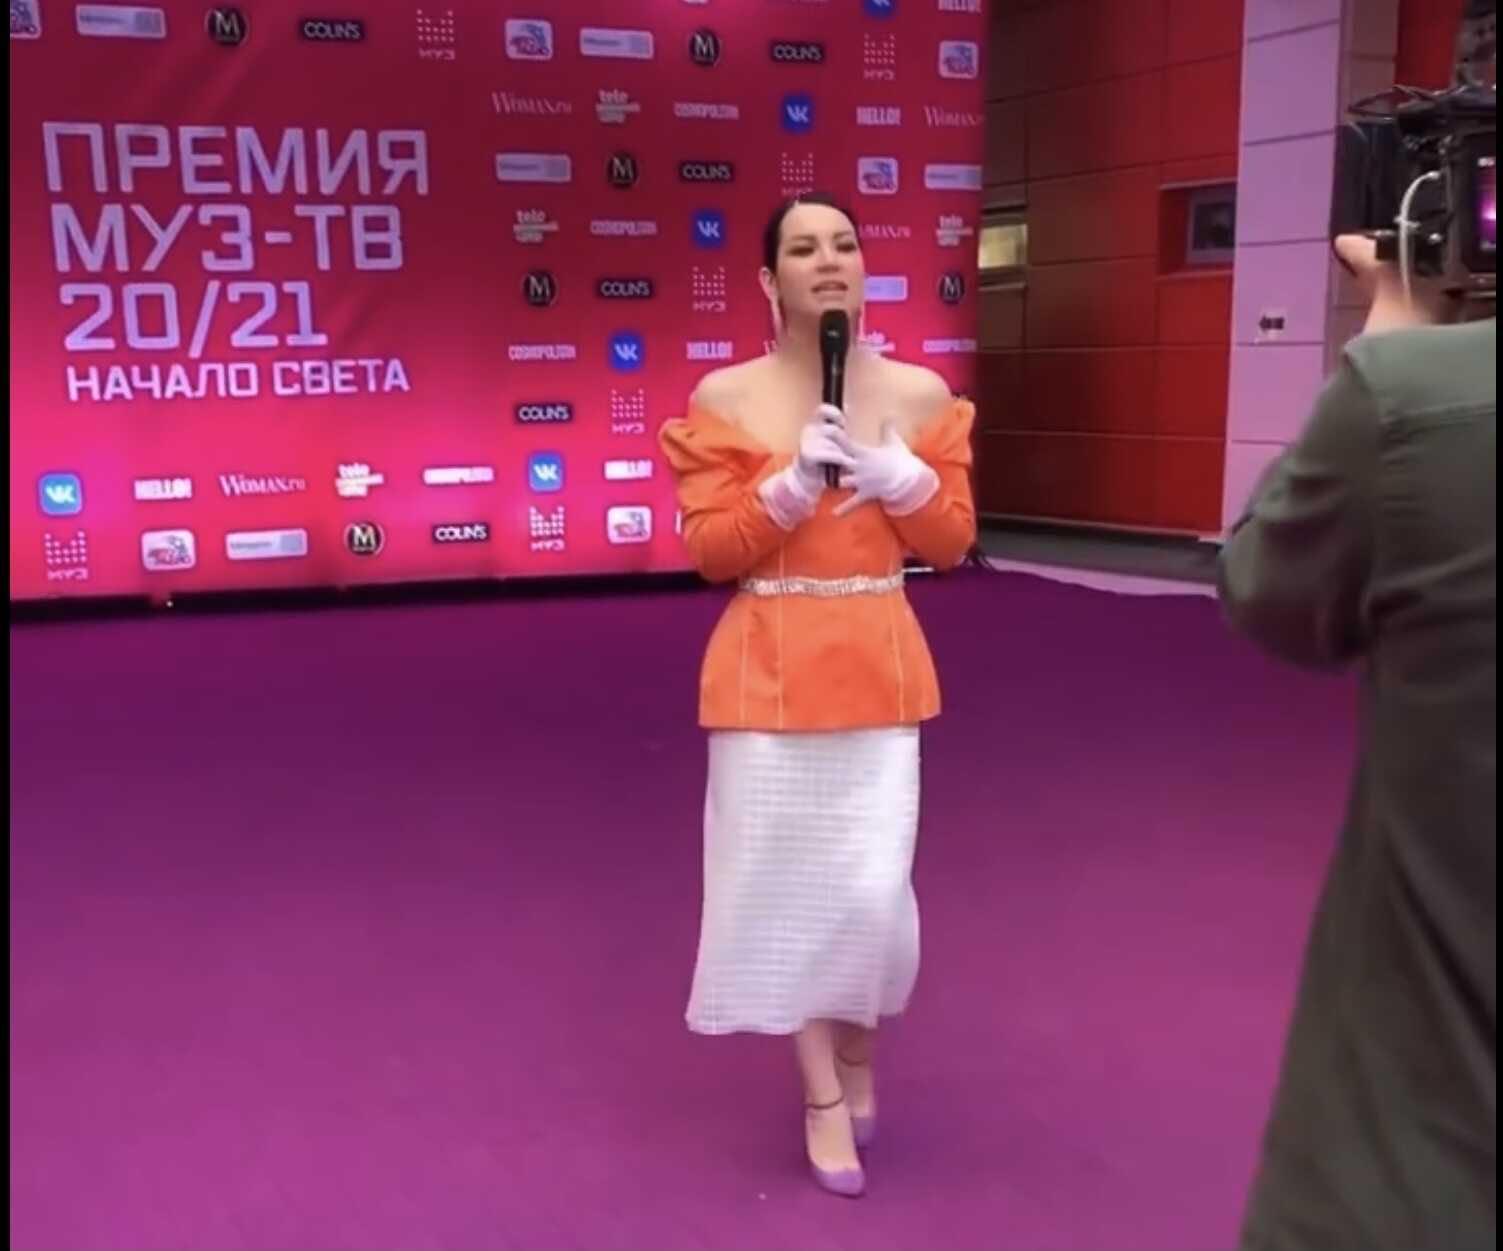 Одинокая Ида Галич прошлась по красной дорожке, демонстрируя обнаженную грудь